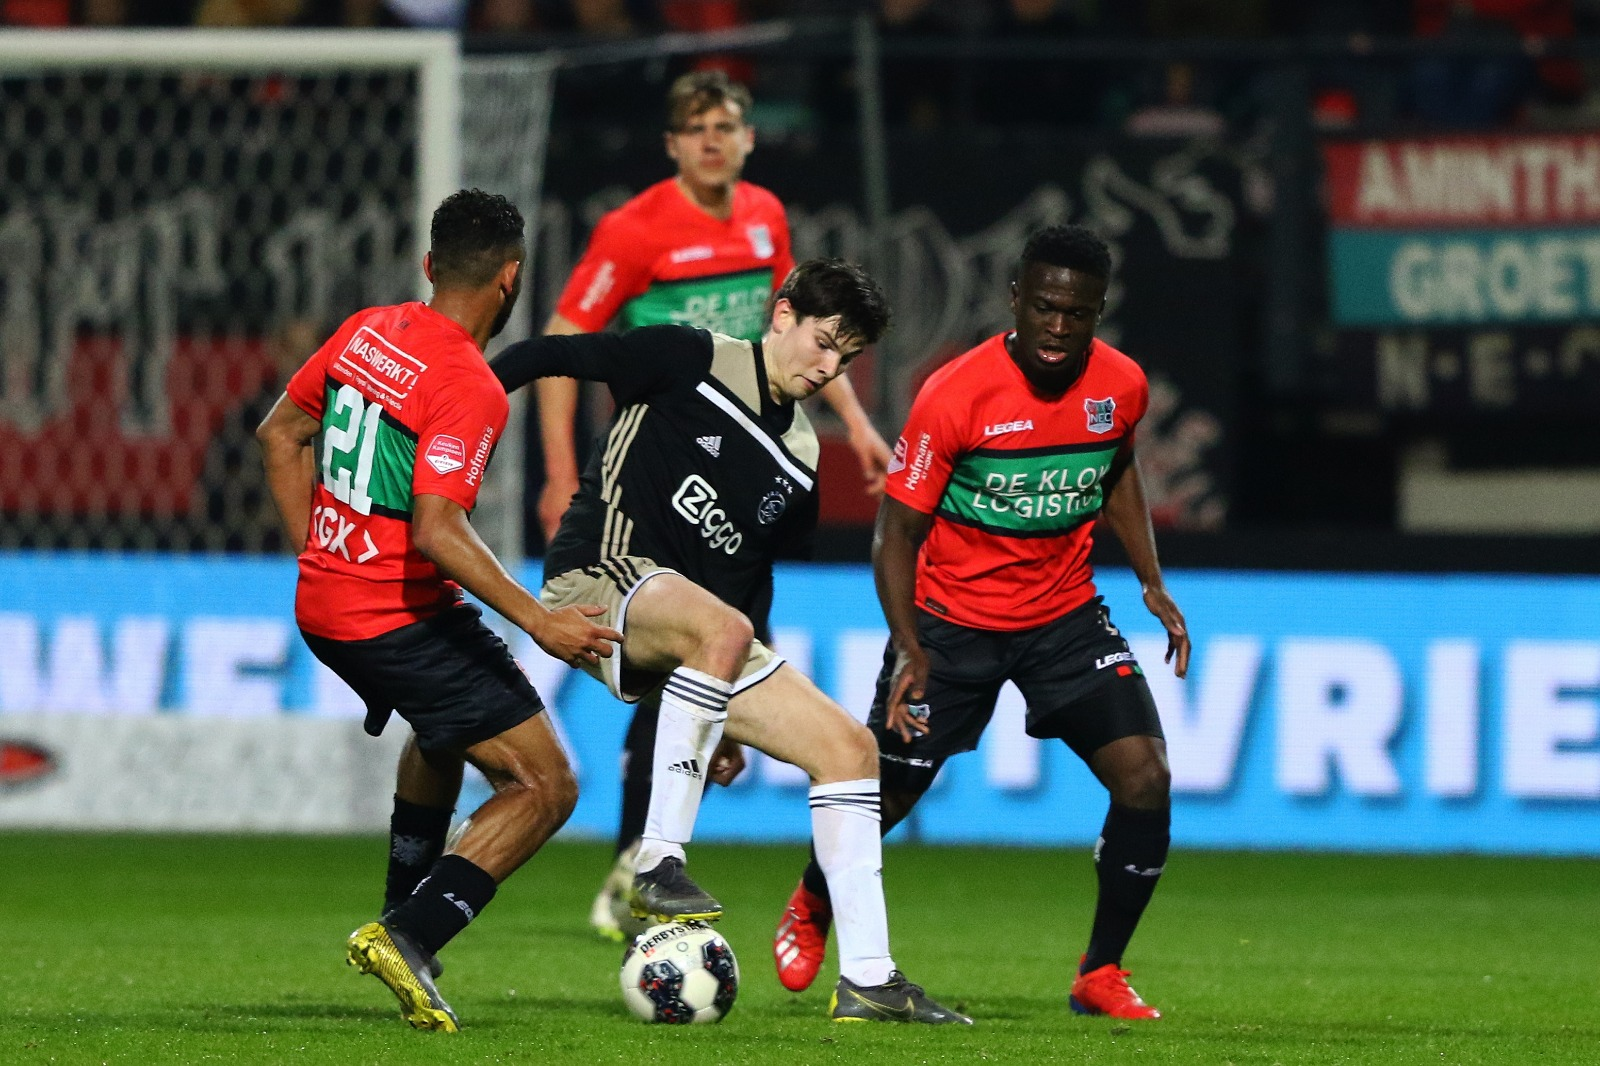 Voorbeschouwing: NEC ontvangt kersverse koploper Jong Ajax